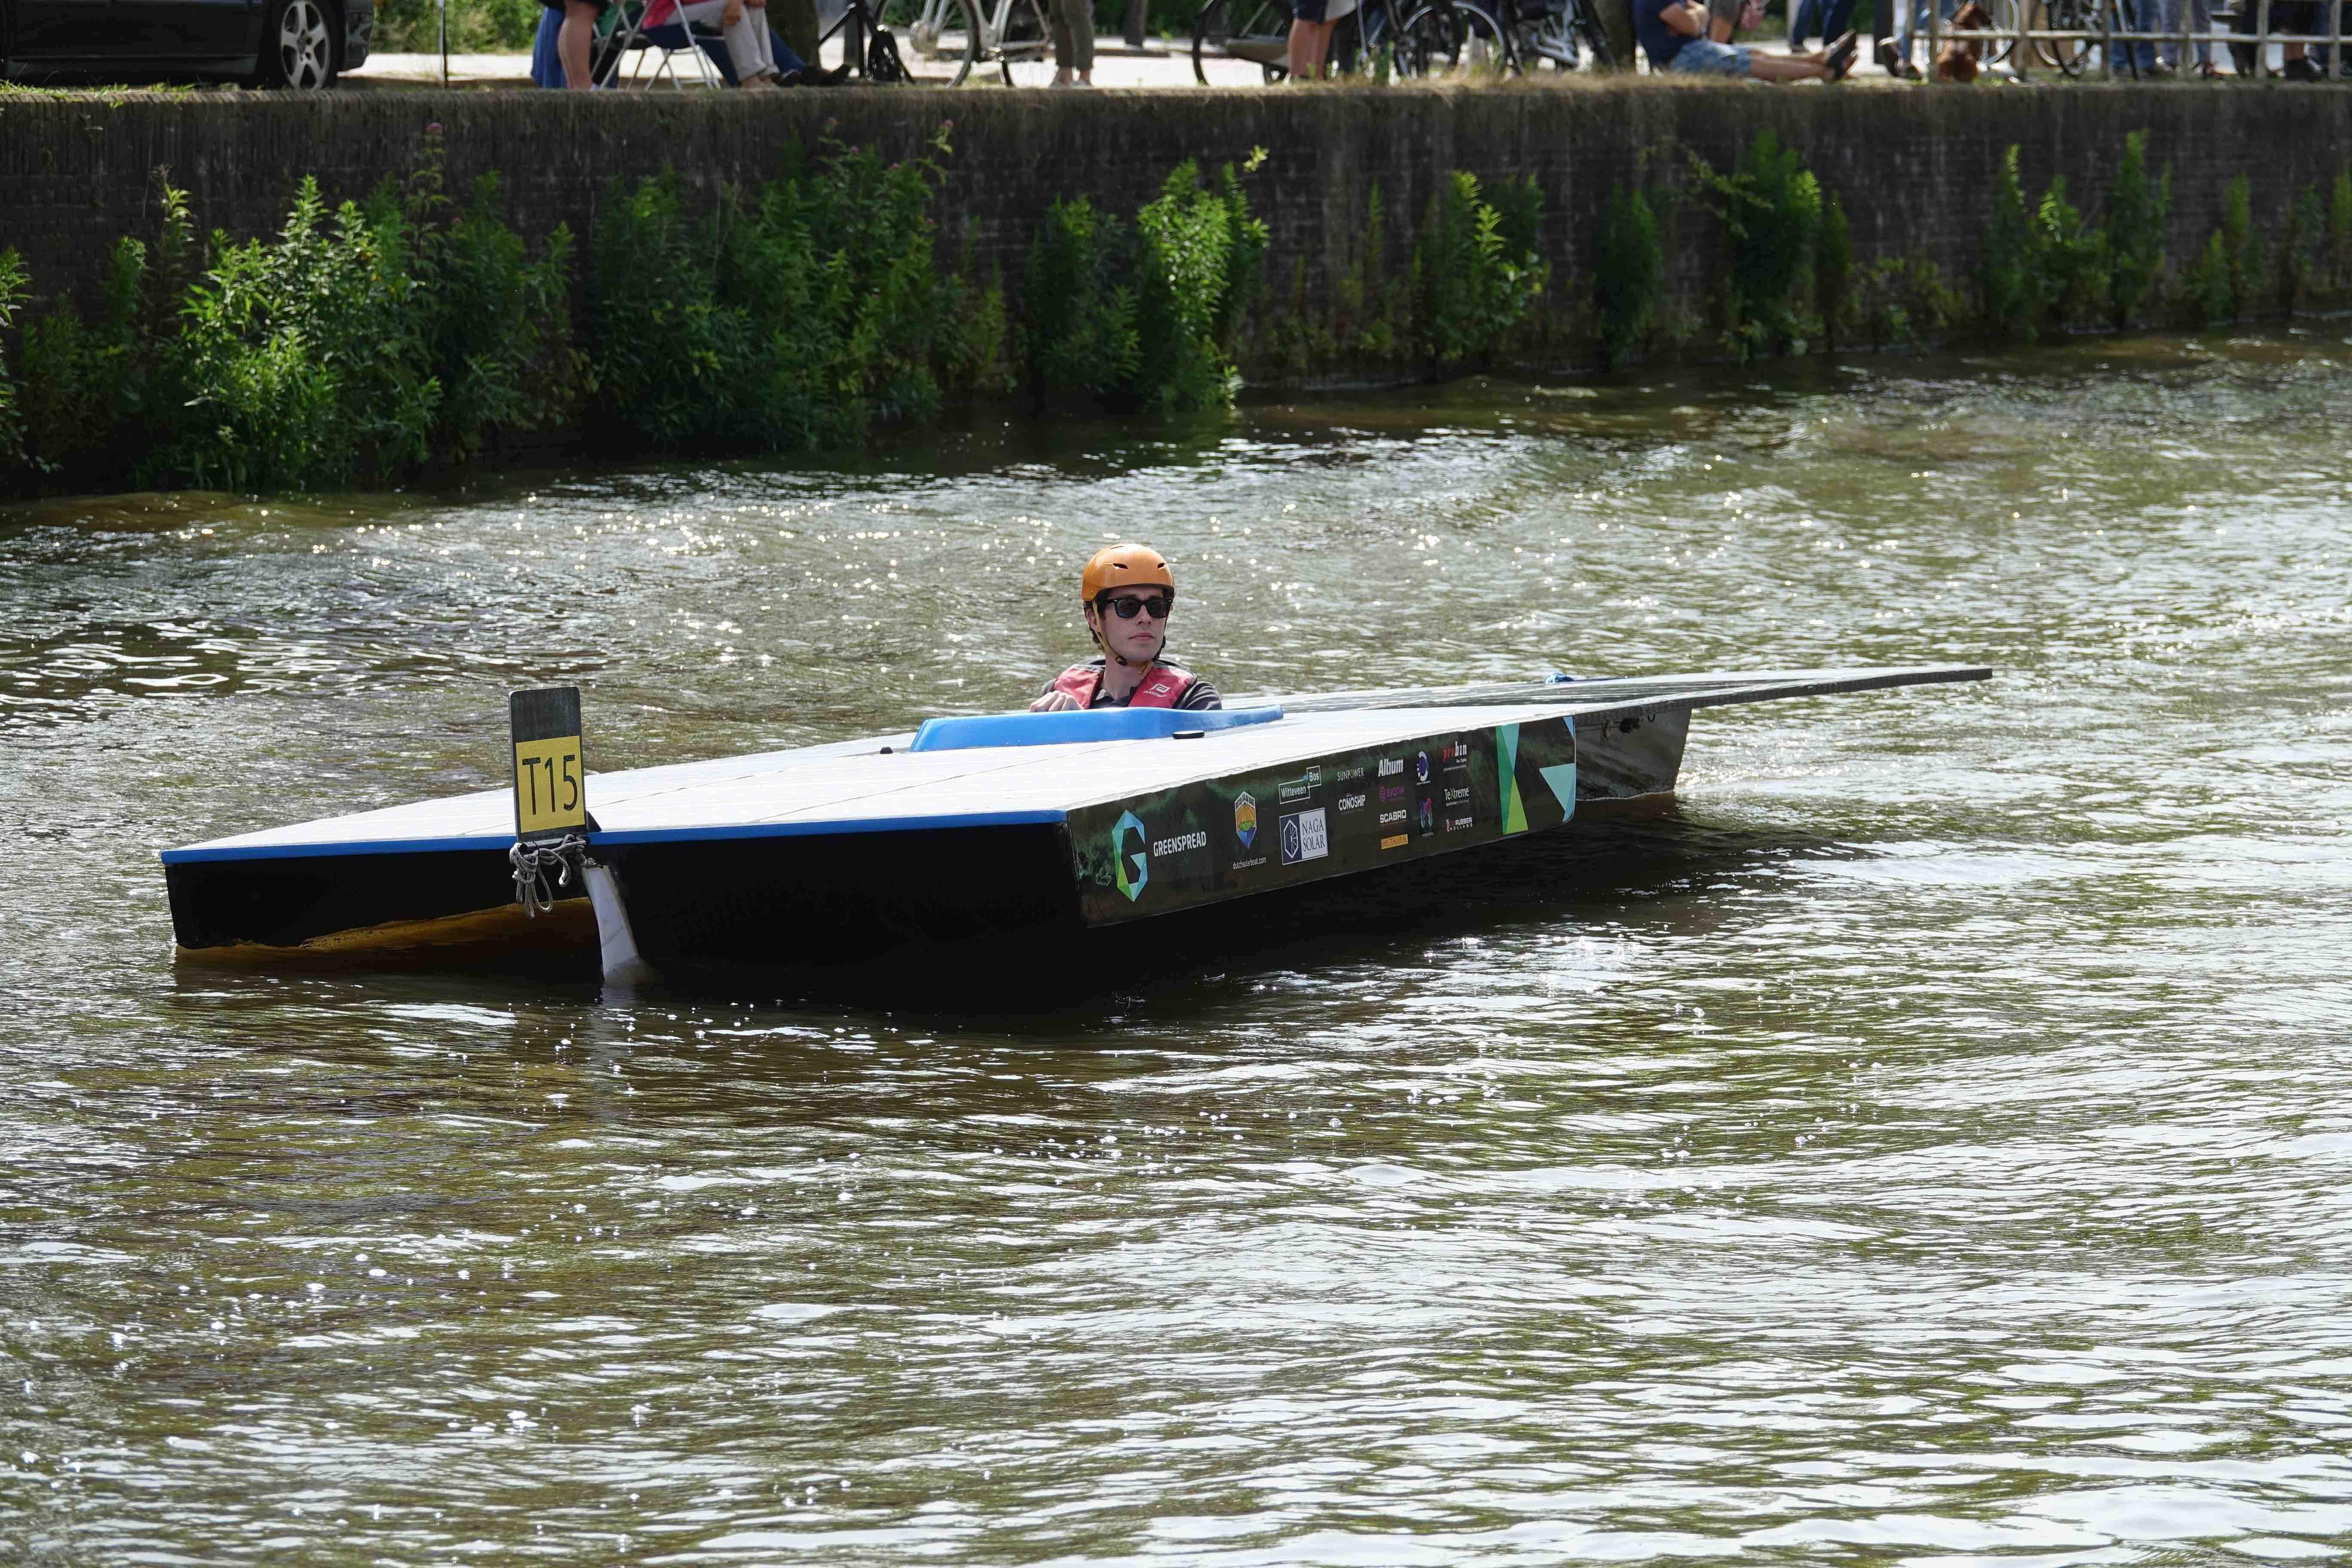 NaGa Solar - Dutch Solar Boat 06072018#DSC05645